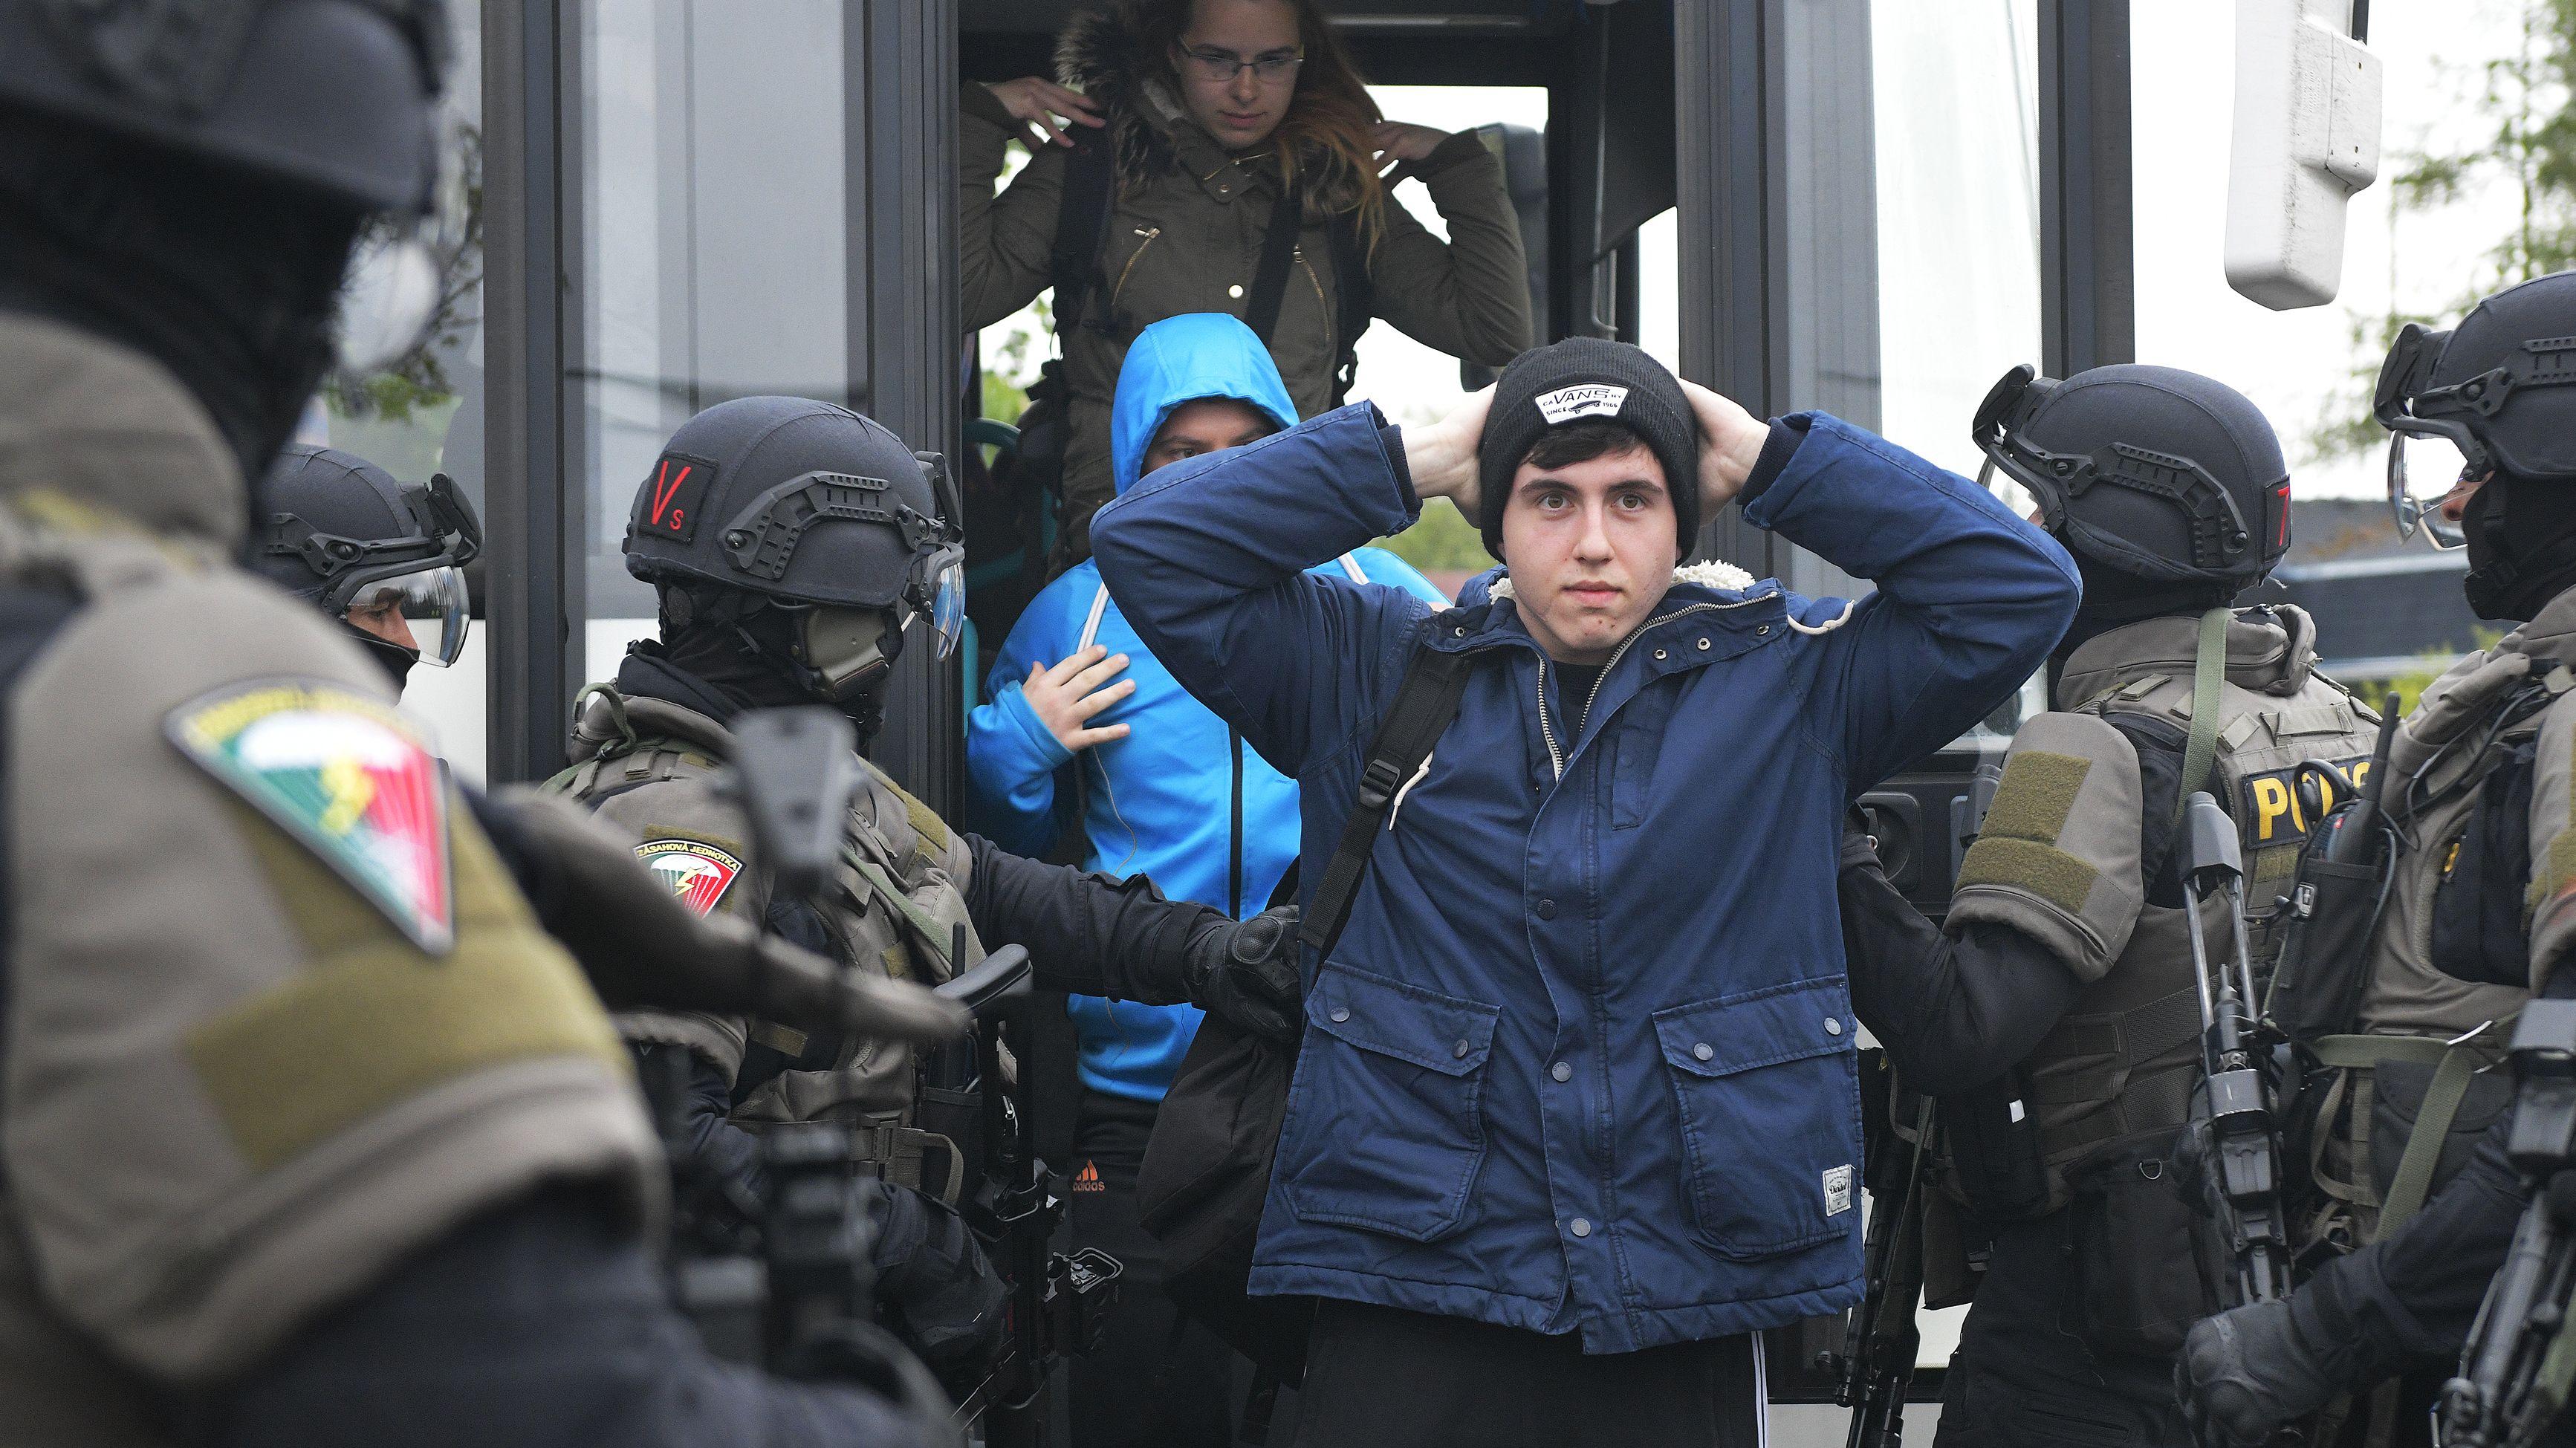 Polizeischüler aus Tschechien schlüpften bei der Übung in die Rolle von illegalen Migranten, die festgestellt werden sollten.